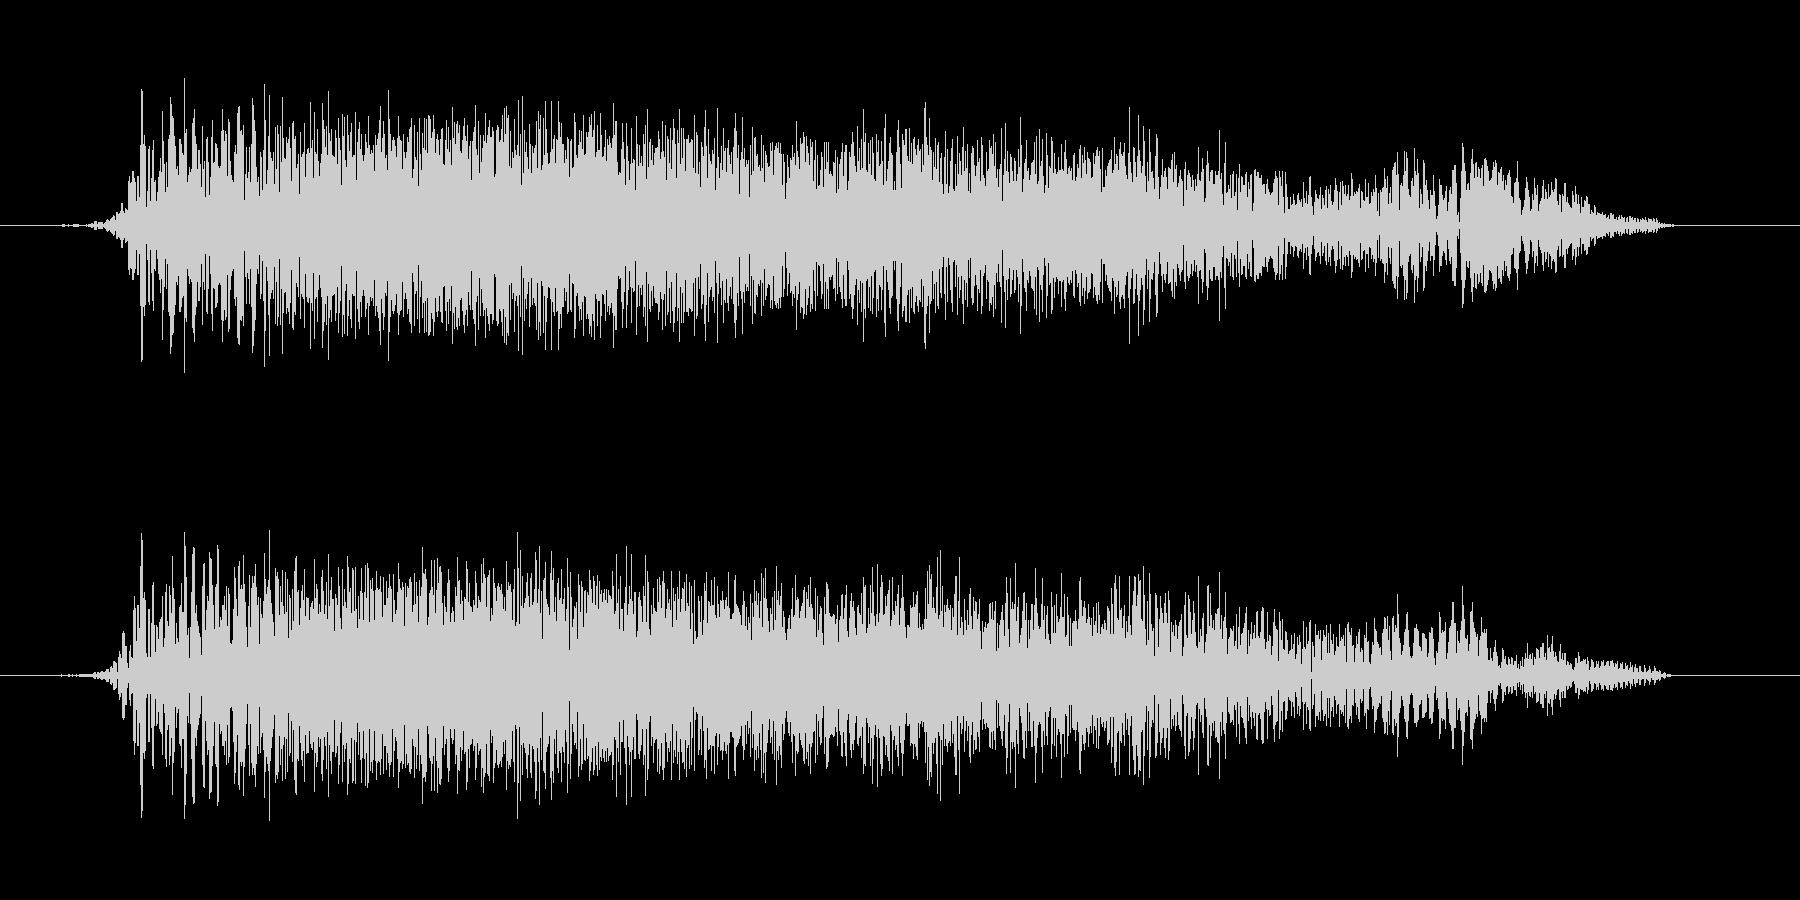 ギューンという上昇感のある音の未再生の波形